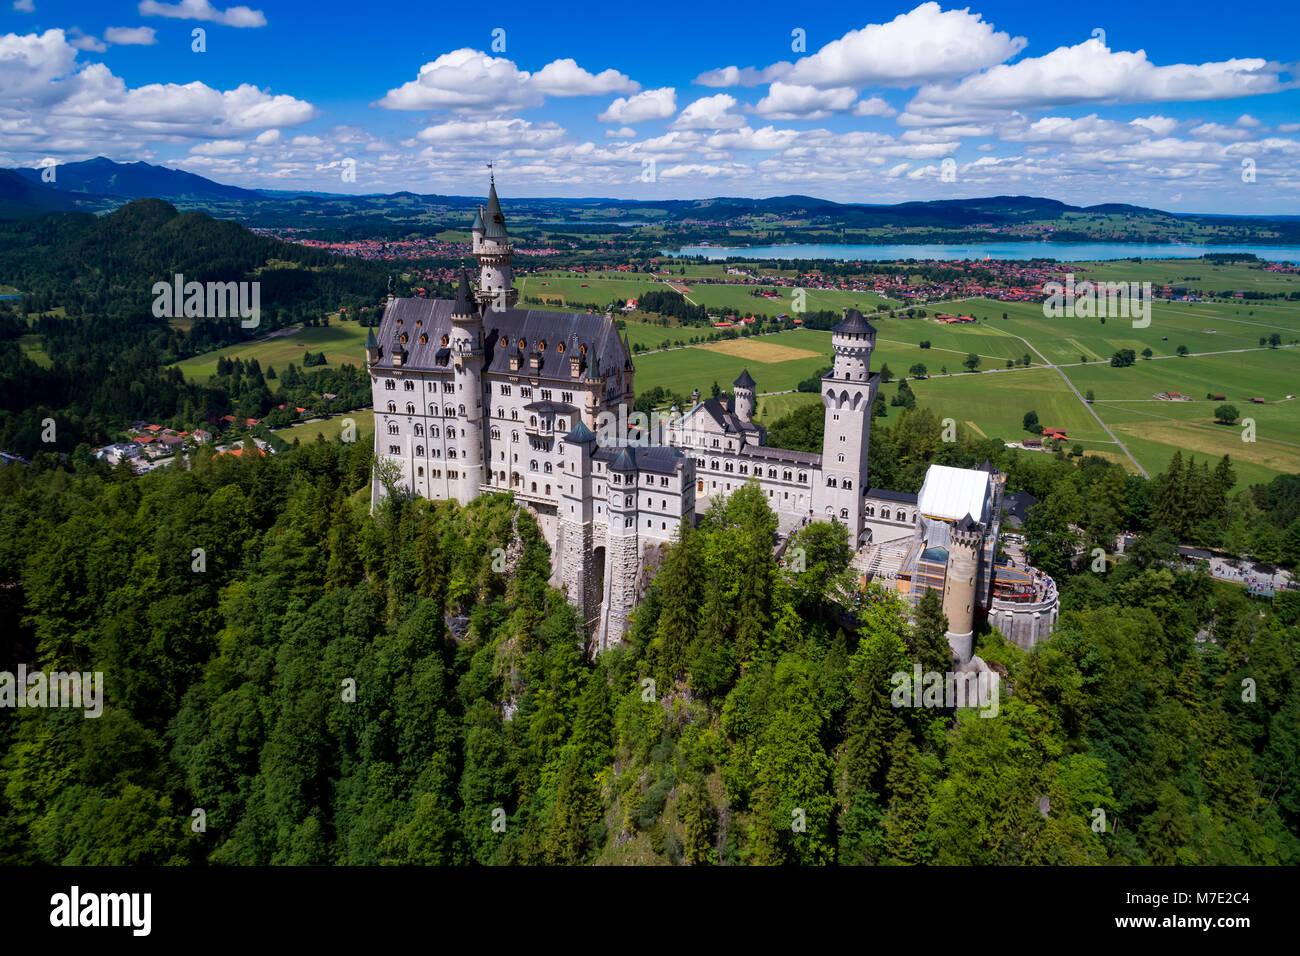 El castillo de Neuschwanstein Alpes de Baviera Alemania Imagen De Stock